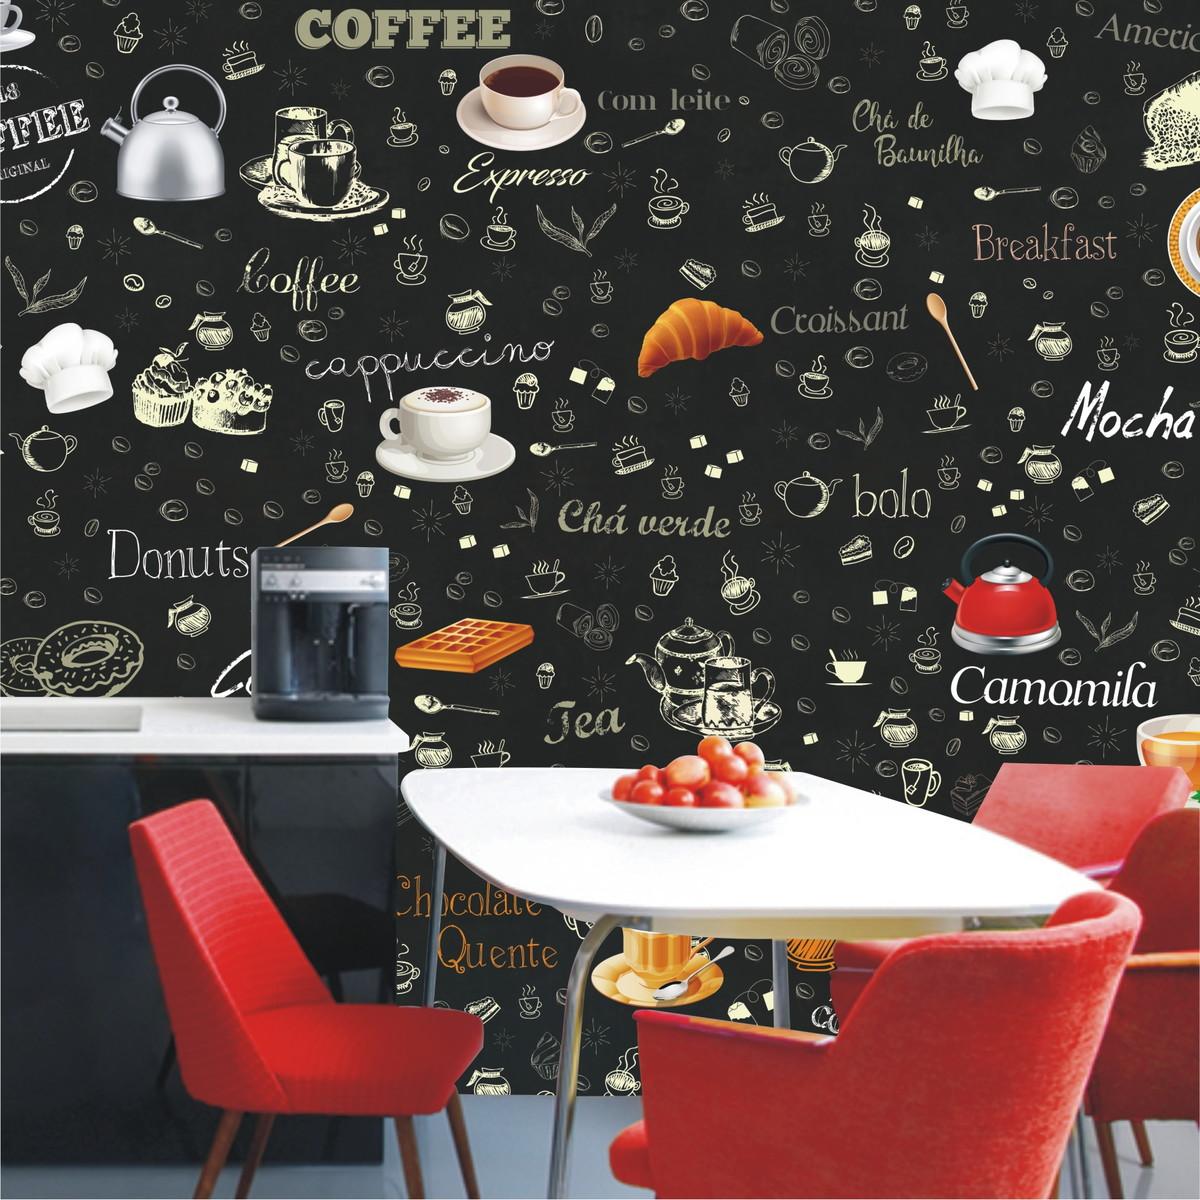 Papel De Parede Cozinha Lav Vel Vin Lico Caf Bar Sala M104 No Elo7  -> Papel De Parede Para Sala Lavavel